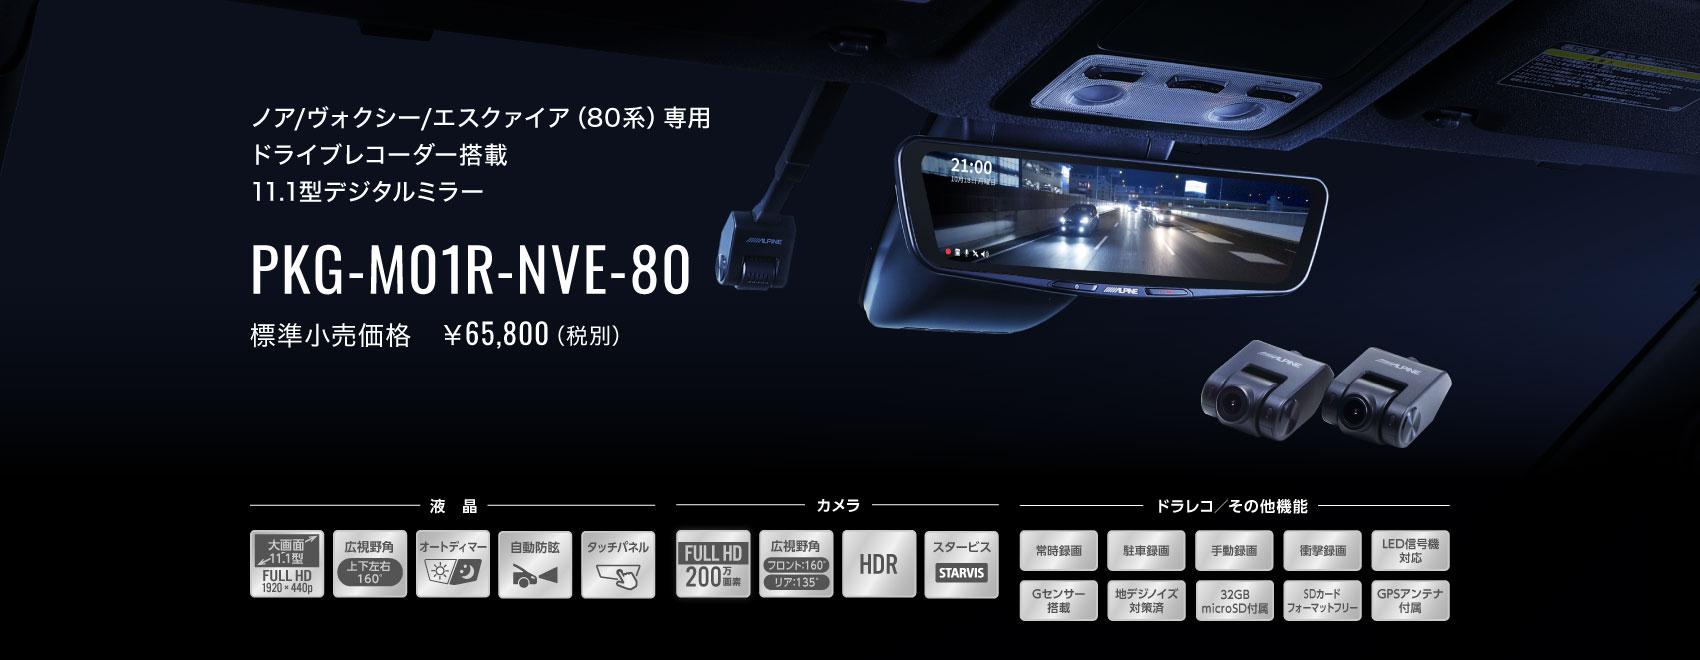 ノア/ヴォクシー/エスクァイア(80系)専用 ドライブレコーダー搭載 11.1型デジタルミラー PKG-M01R-NVE-80 標準小売価格 ¥65,800(税別)